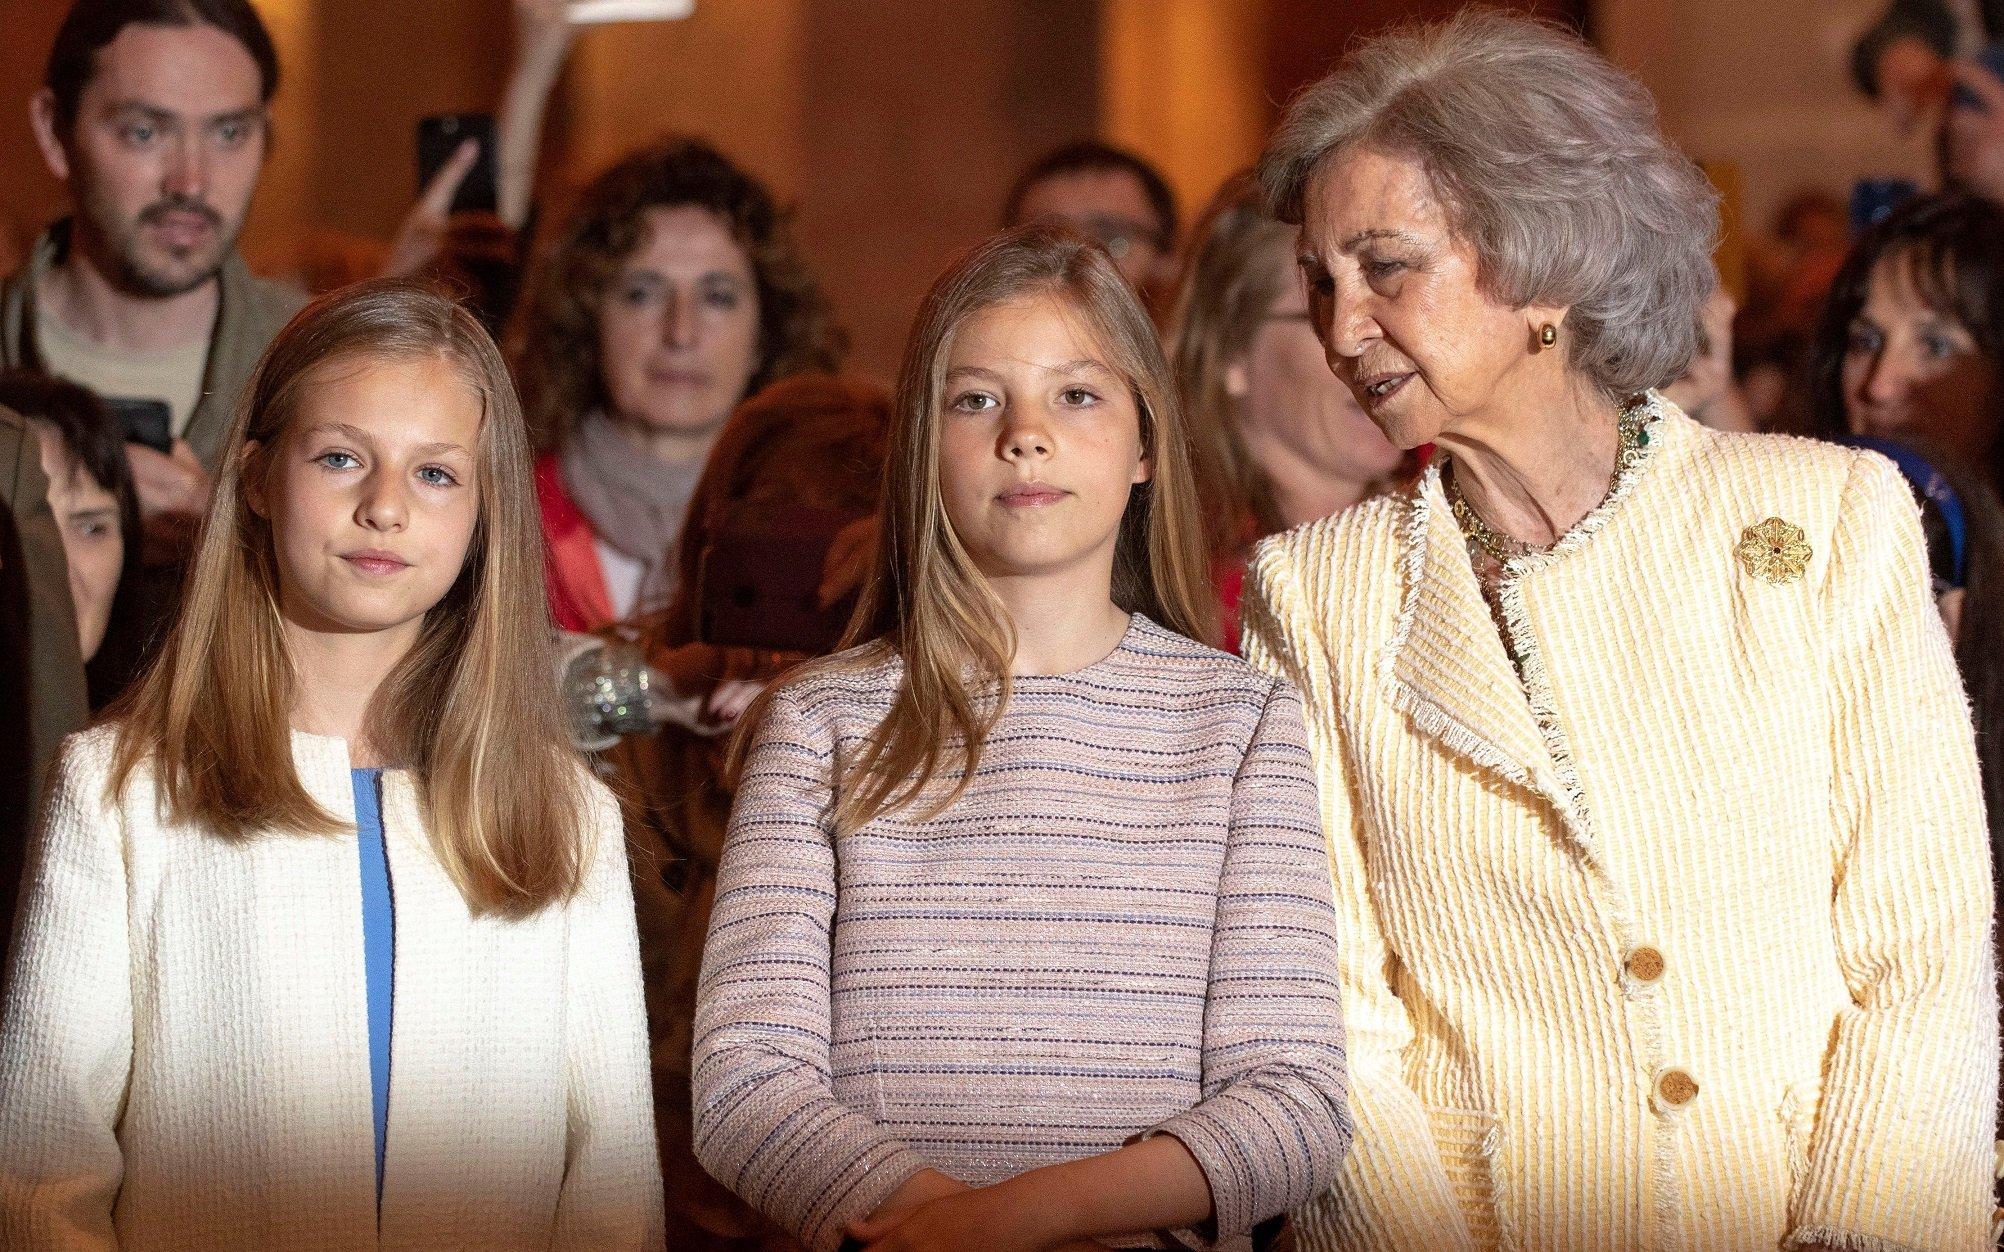 La Princesa Leonor de España, la Princesa Sofía de España y la Reina de Sofía de España en la misa de Pascua de Palma de Mallorca de 2019. || Fuente: Getty Images